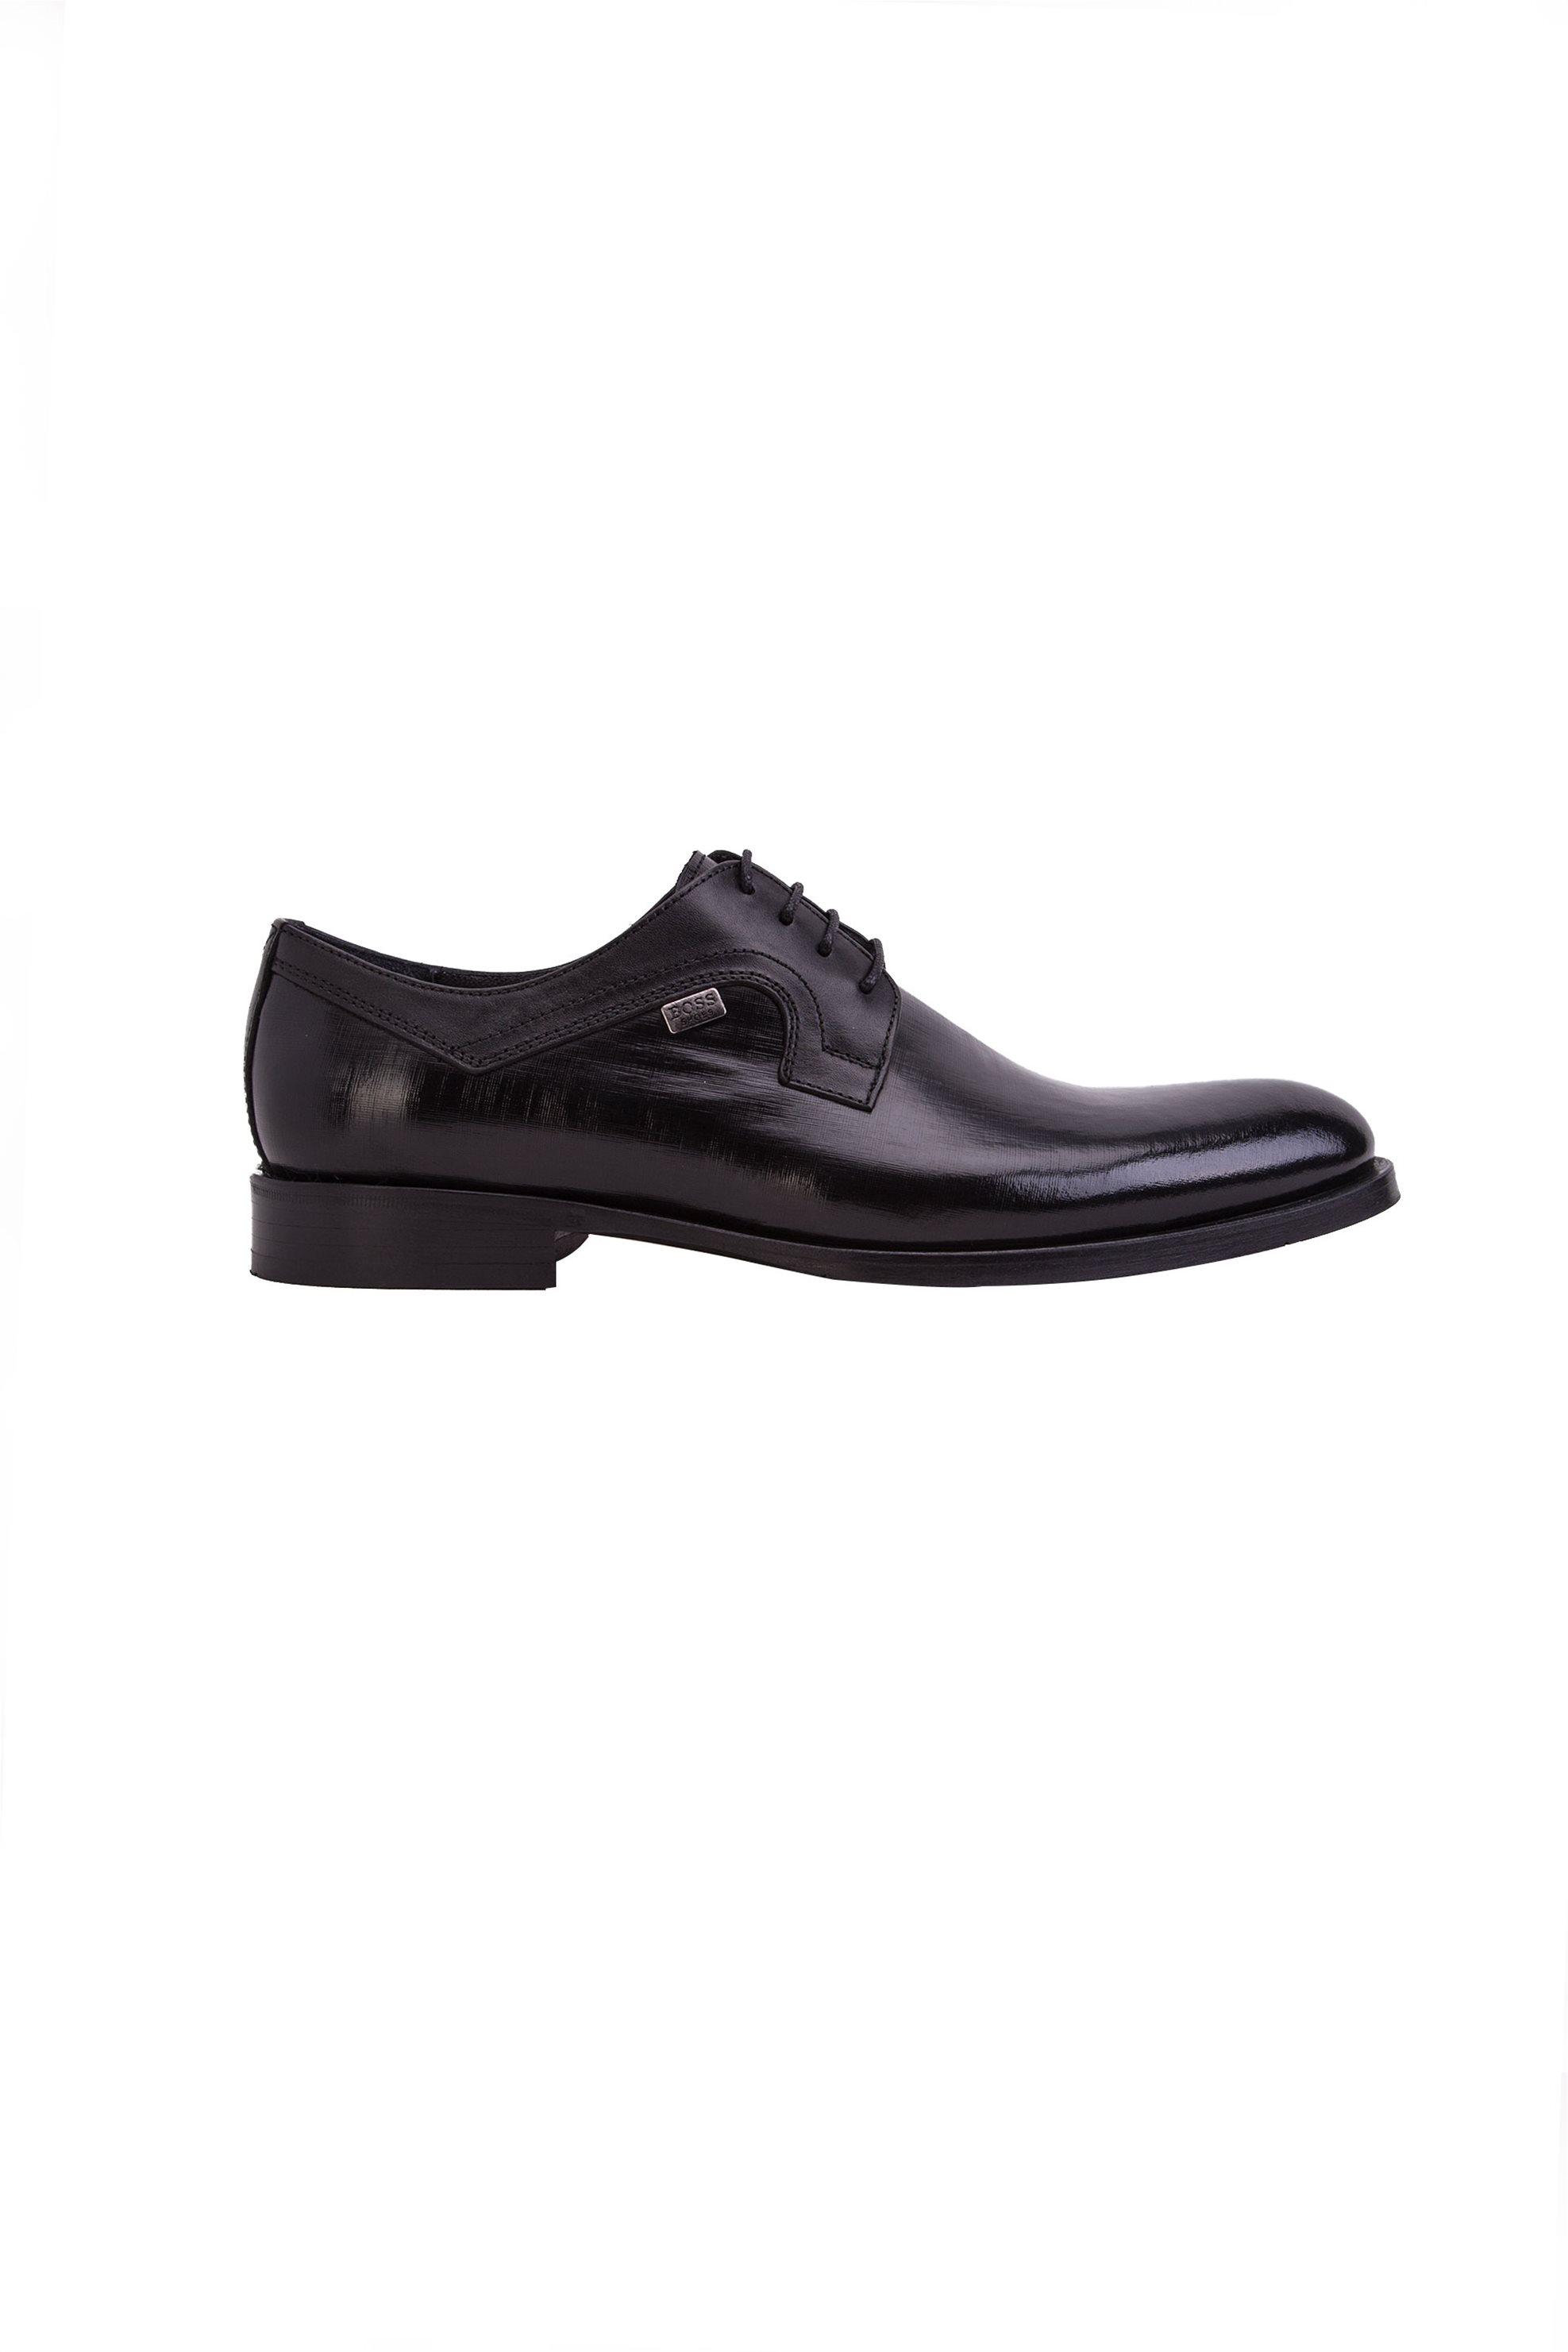 Ανδρικά σκαρπίνια Boss - J5627 - Μαύρο ανδρασ   παπουτσια   σκαρπίνια   oxford